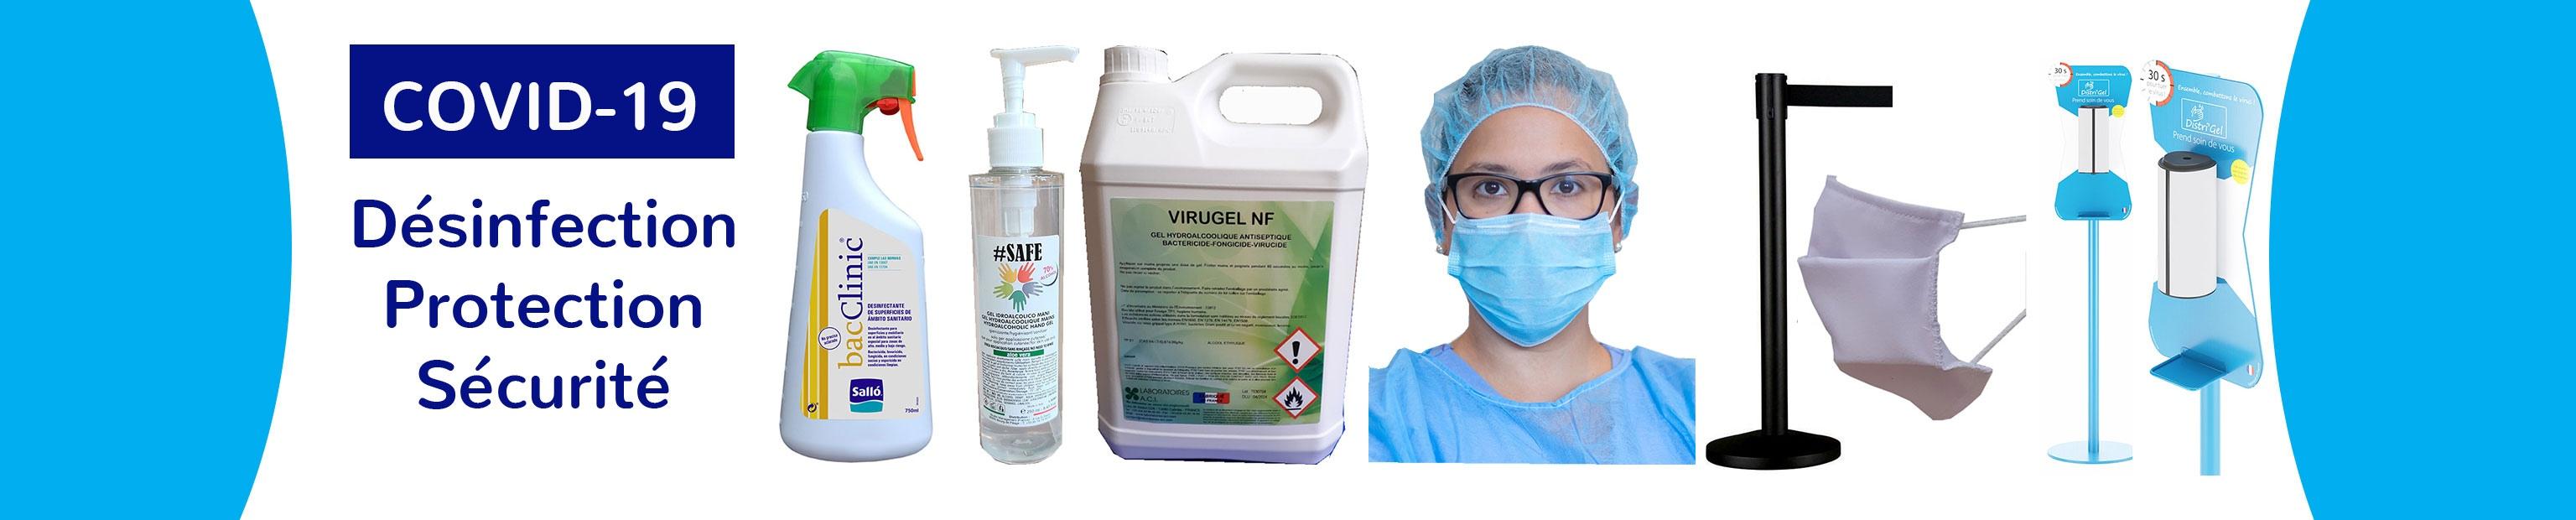 Tout l'équipement pour le lavage des mains, la protection des personnes, la désinfection, la gestion des déchets